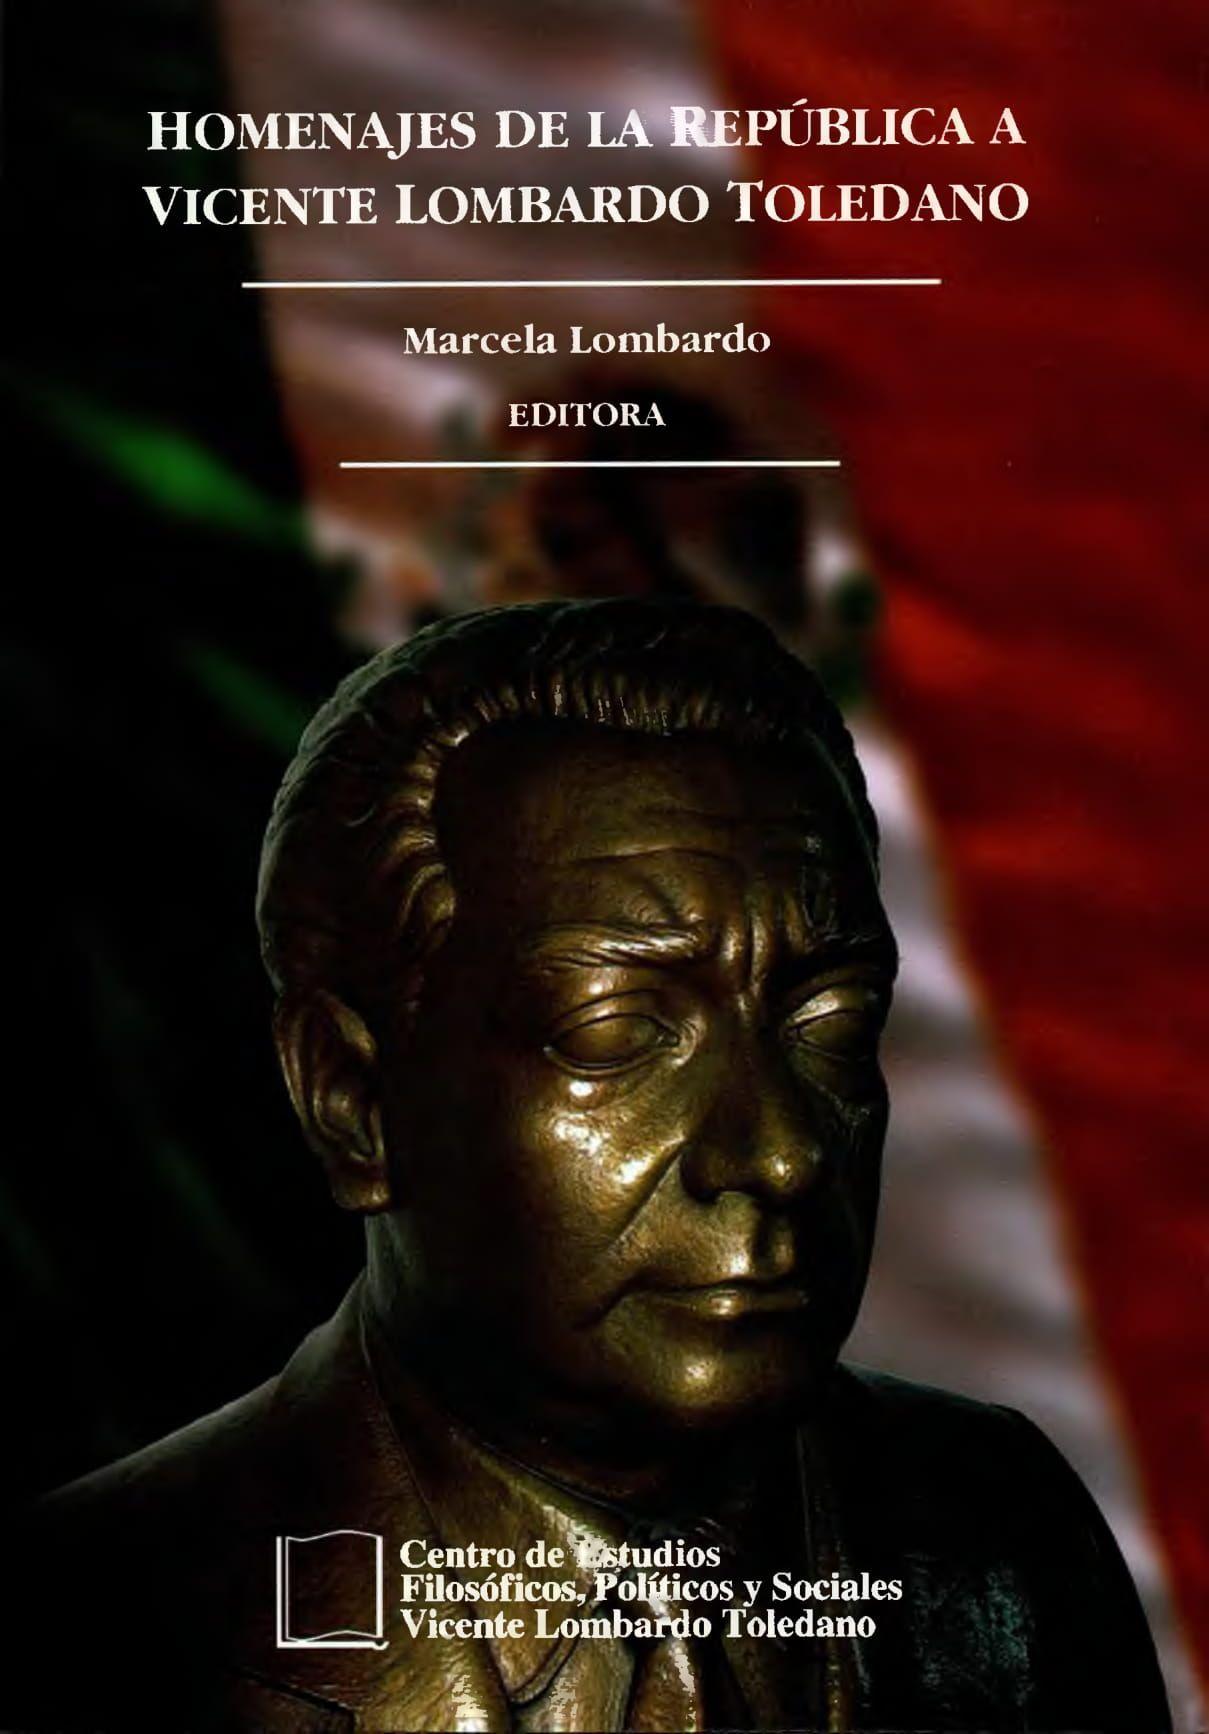 Portada del libro: HOMENAJES DE LOS PODERES DE LA REPÚBLICA A VICENTE LOMBARDO TOLEDANO